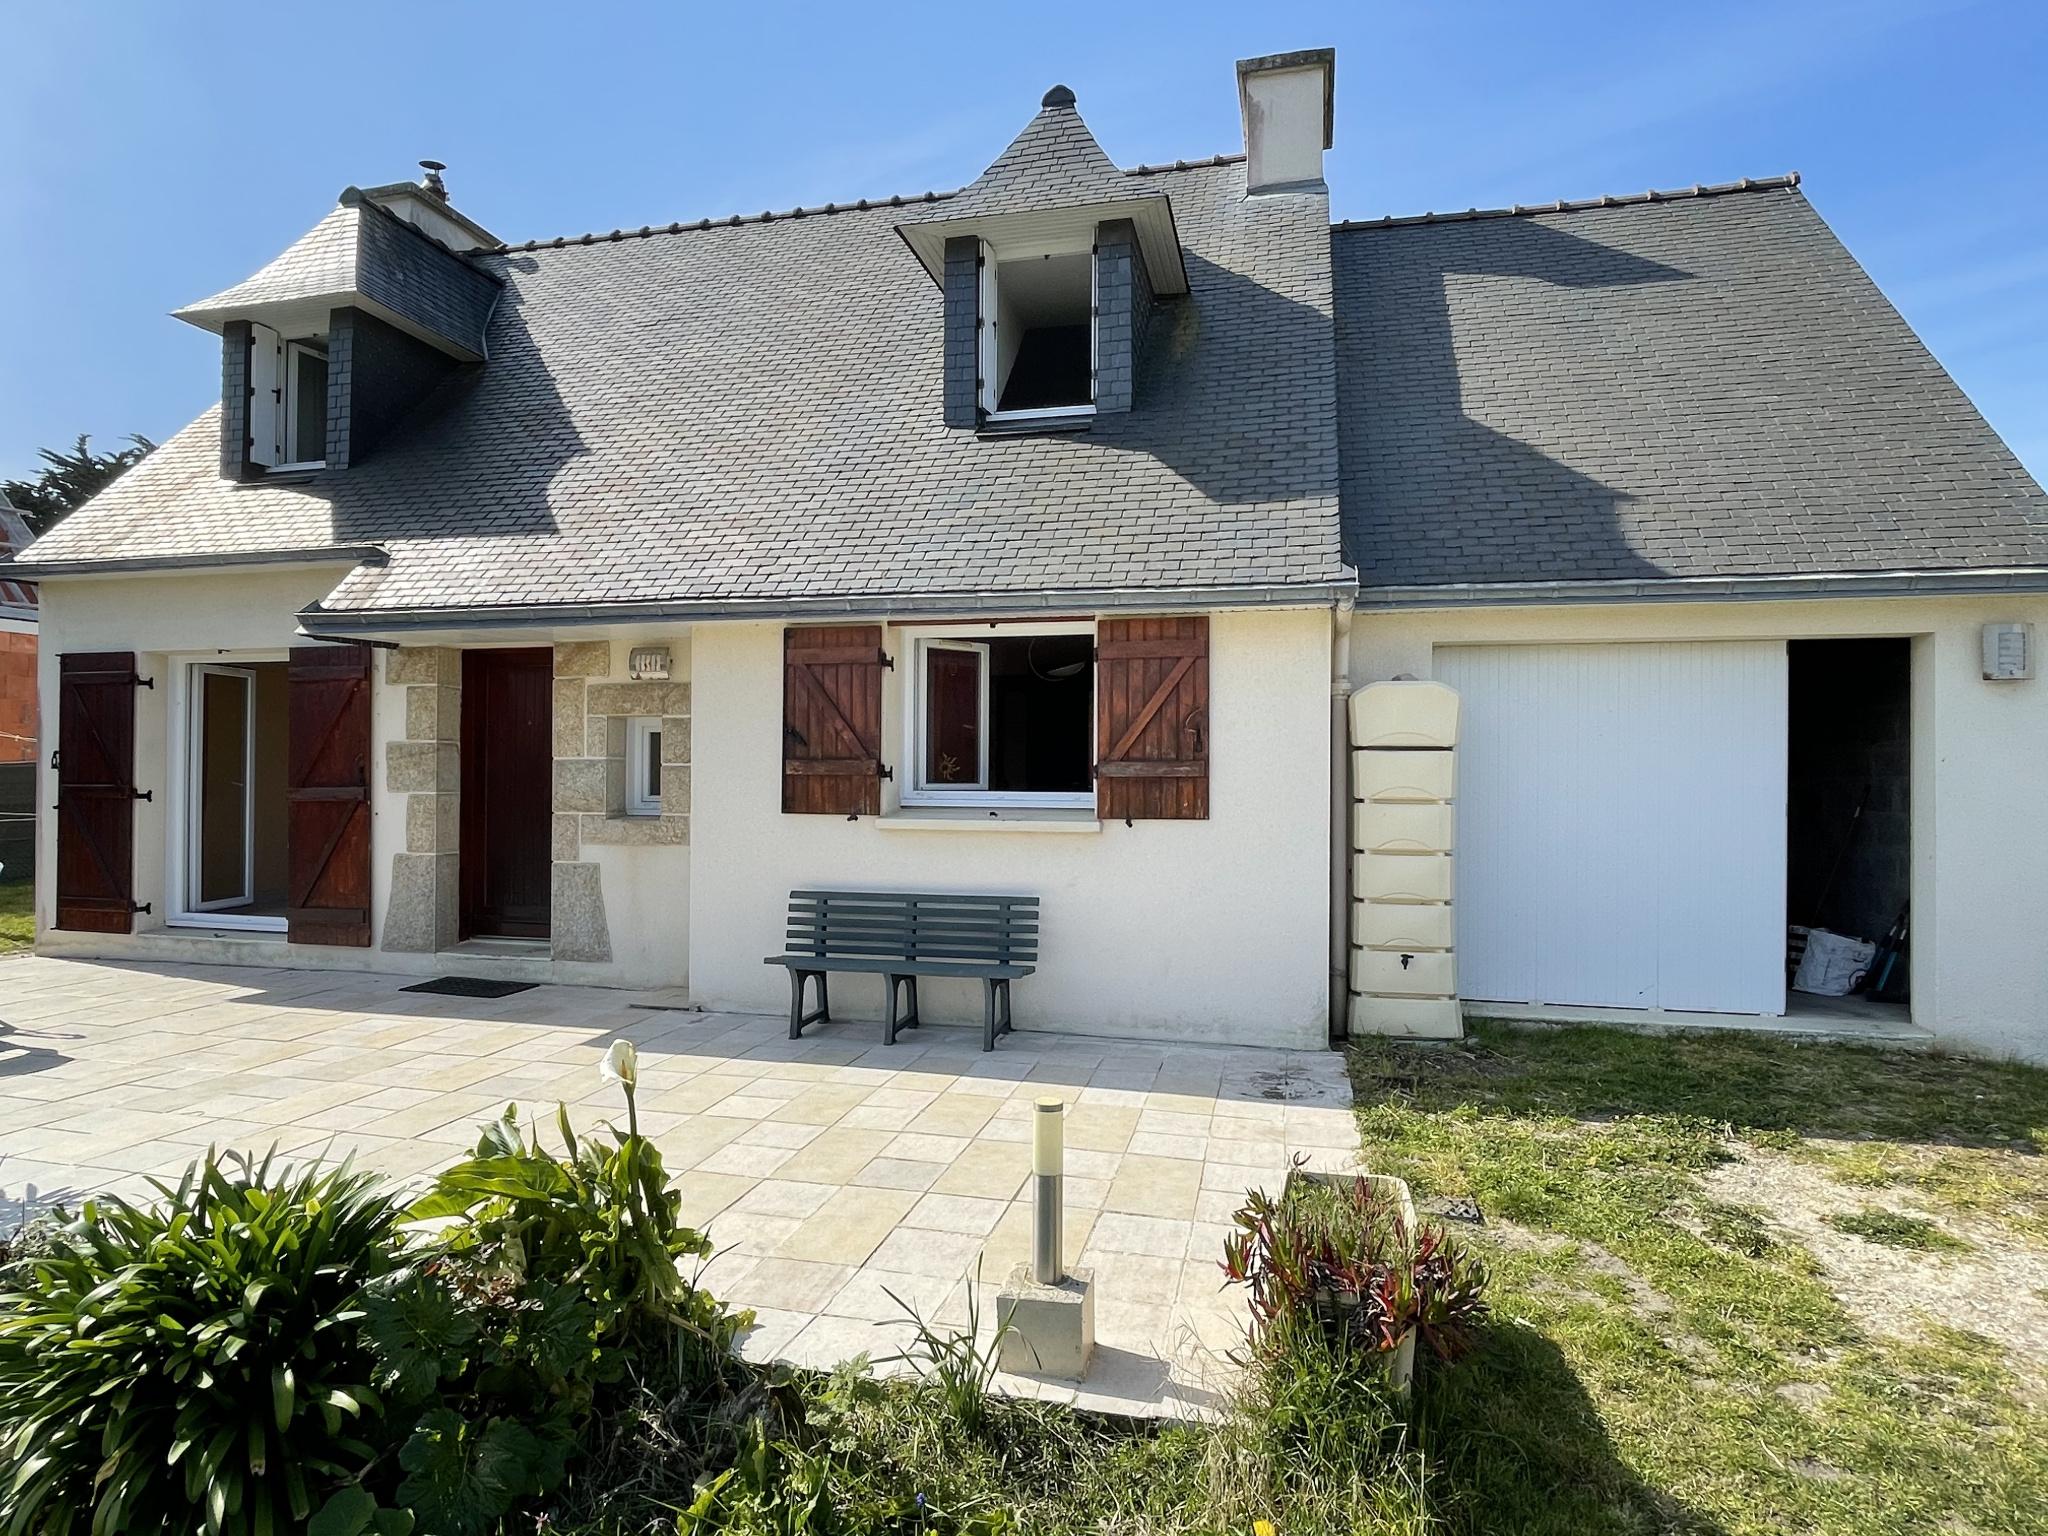 Maison à vendre à St pierre quiberon